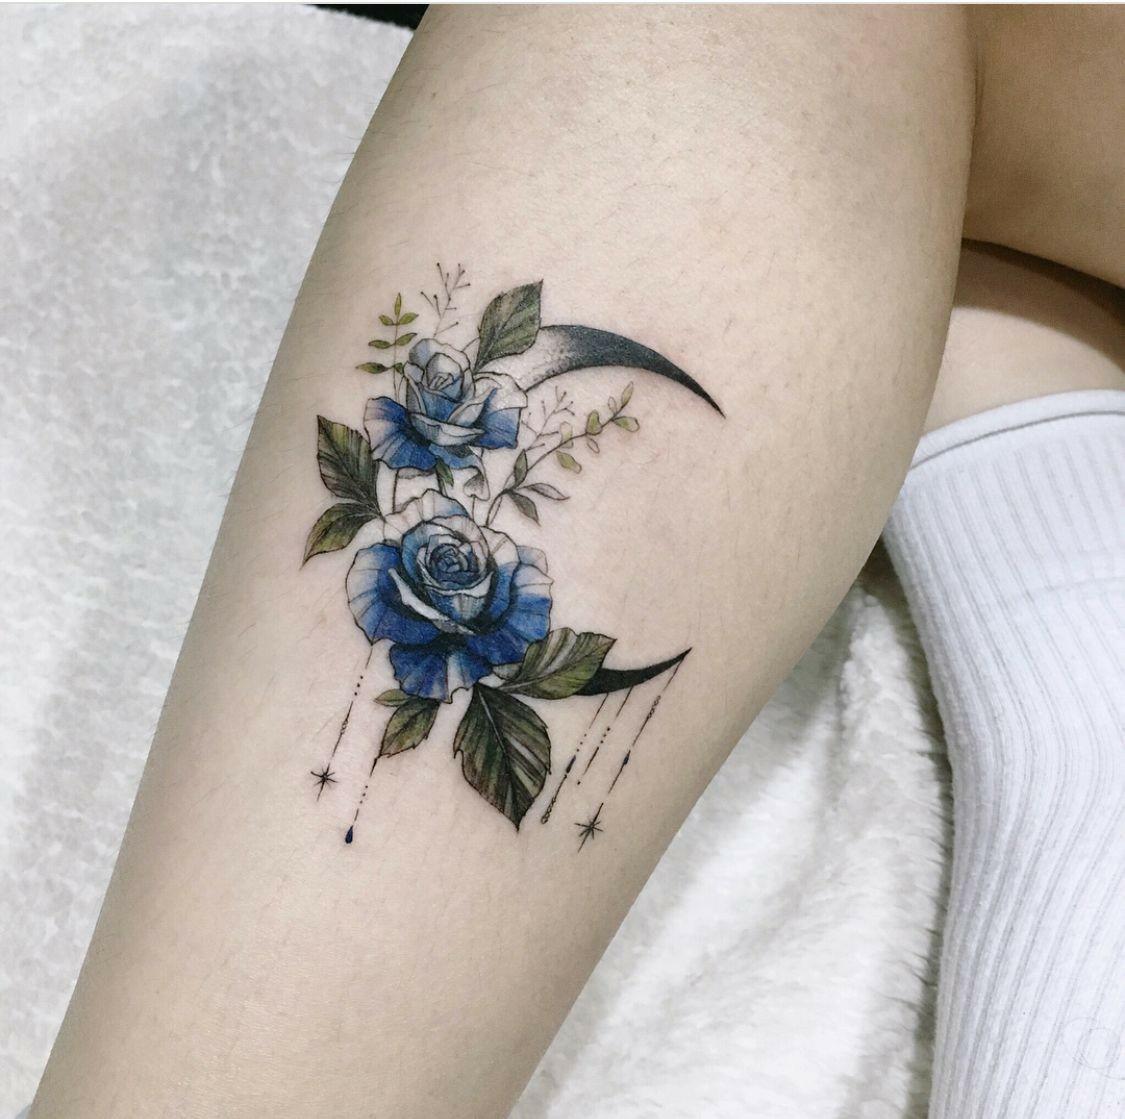 Hình xăm hoa hồng xanh ở bắp chân